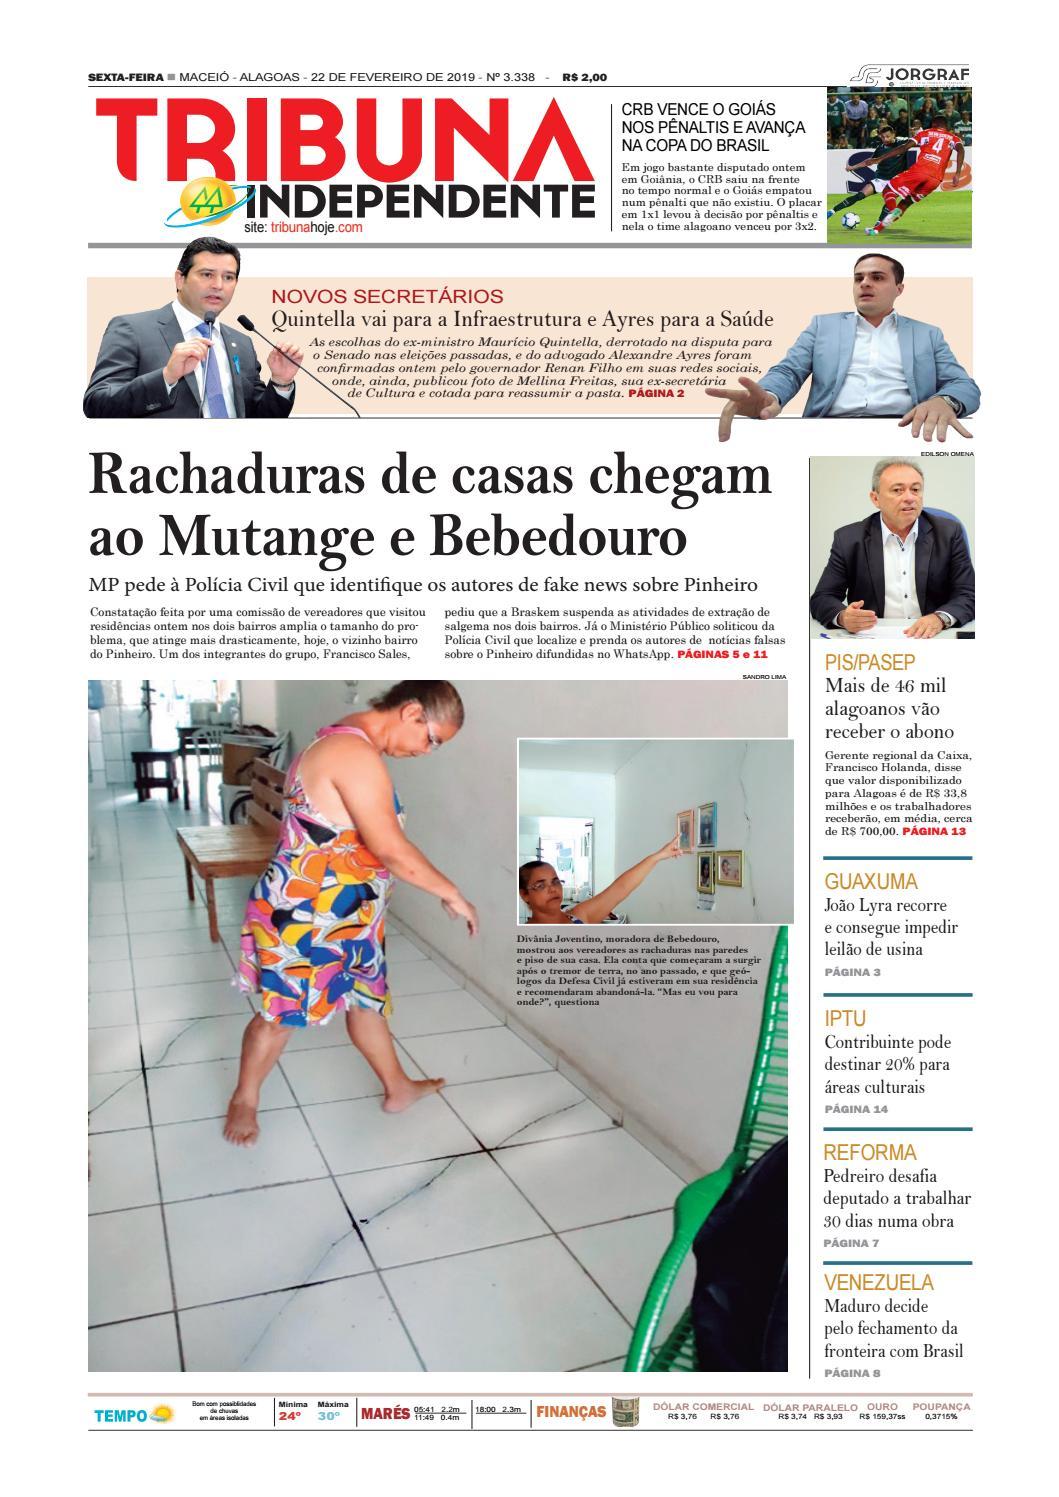 342ac1bbfc7 Edição número 3338 - 22 de fevereiro de 2019 by Tribuna Hoje - issuu